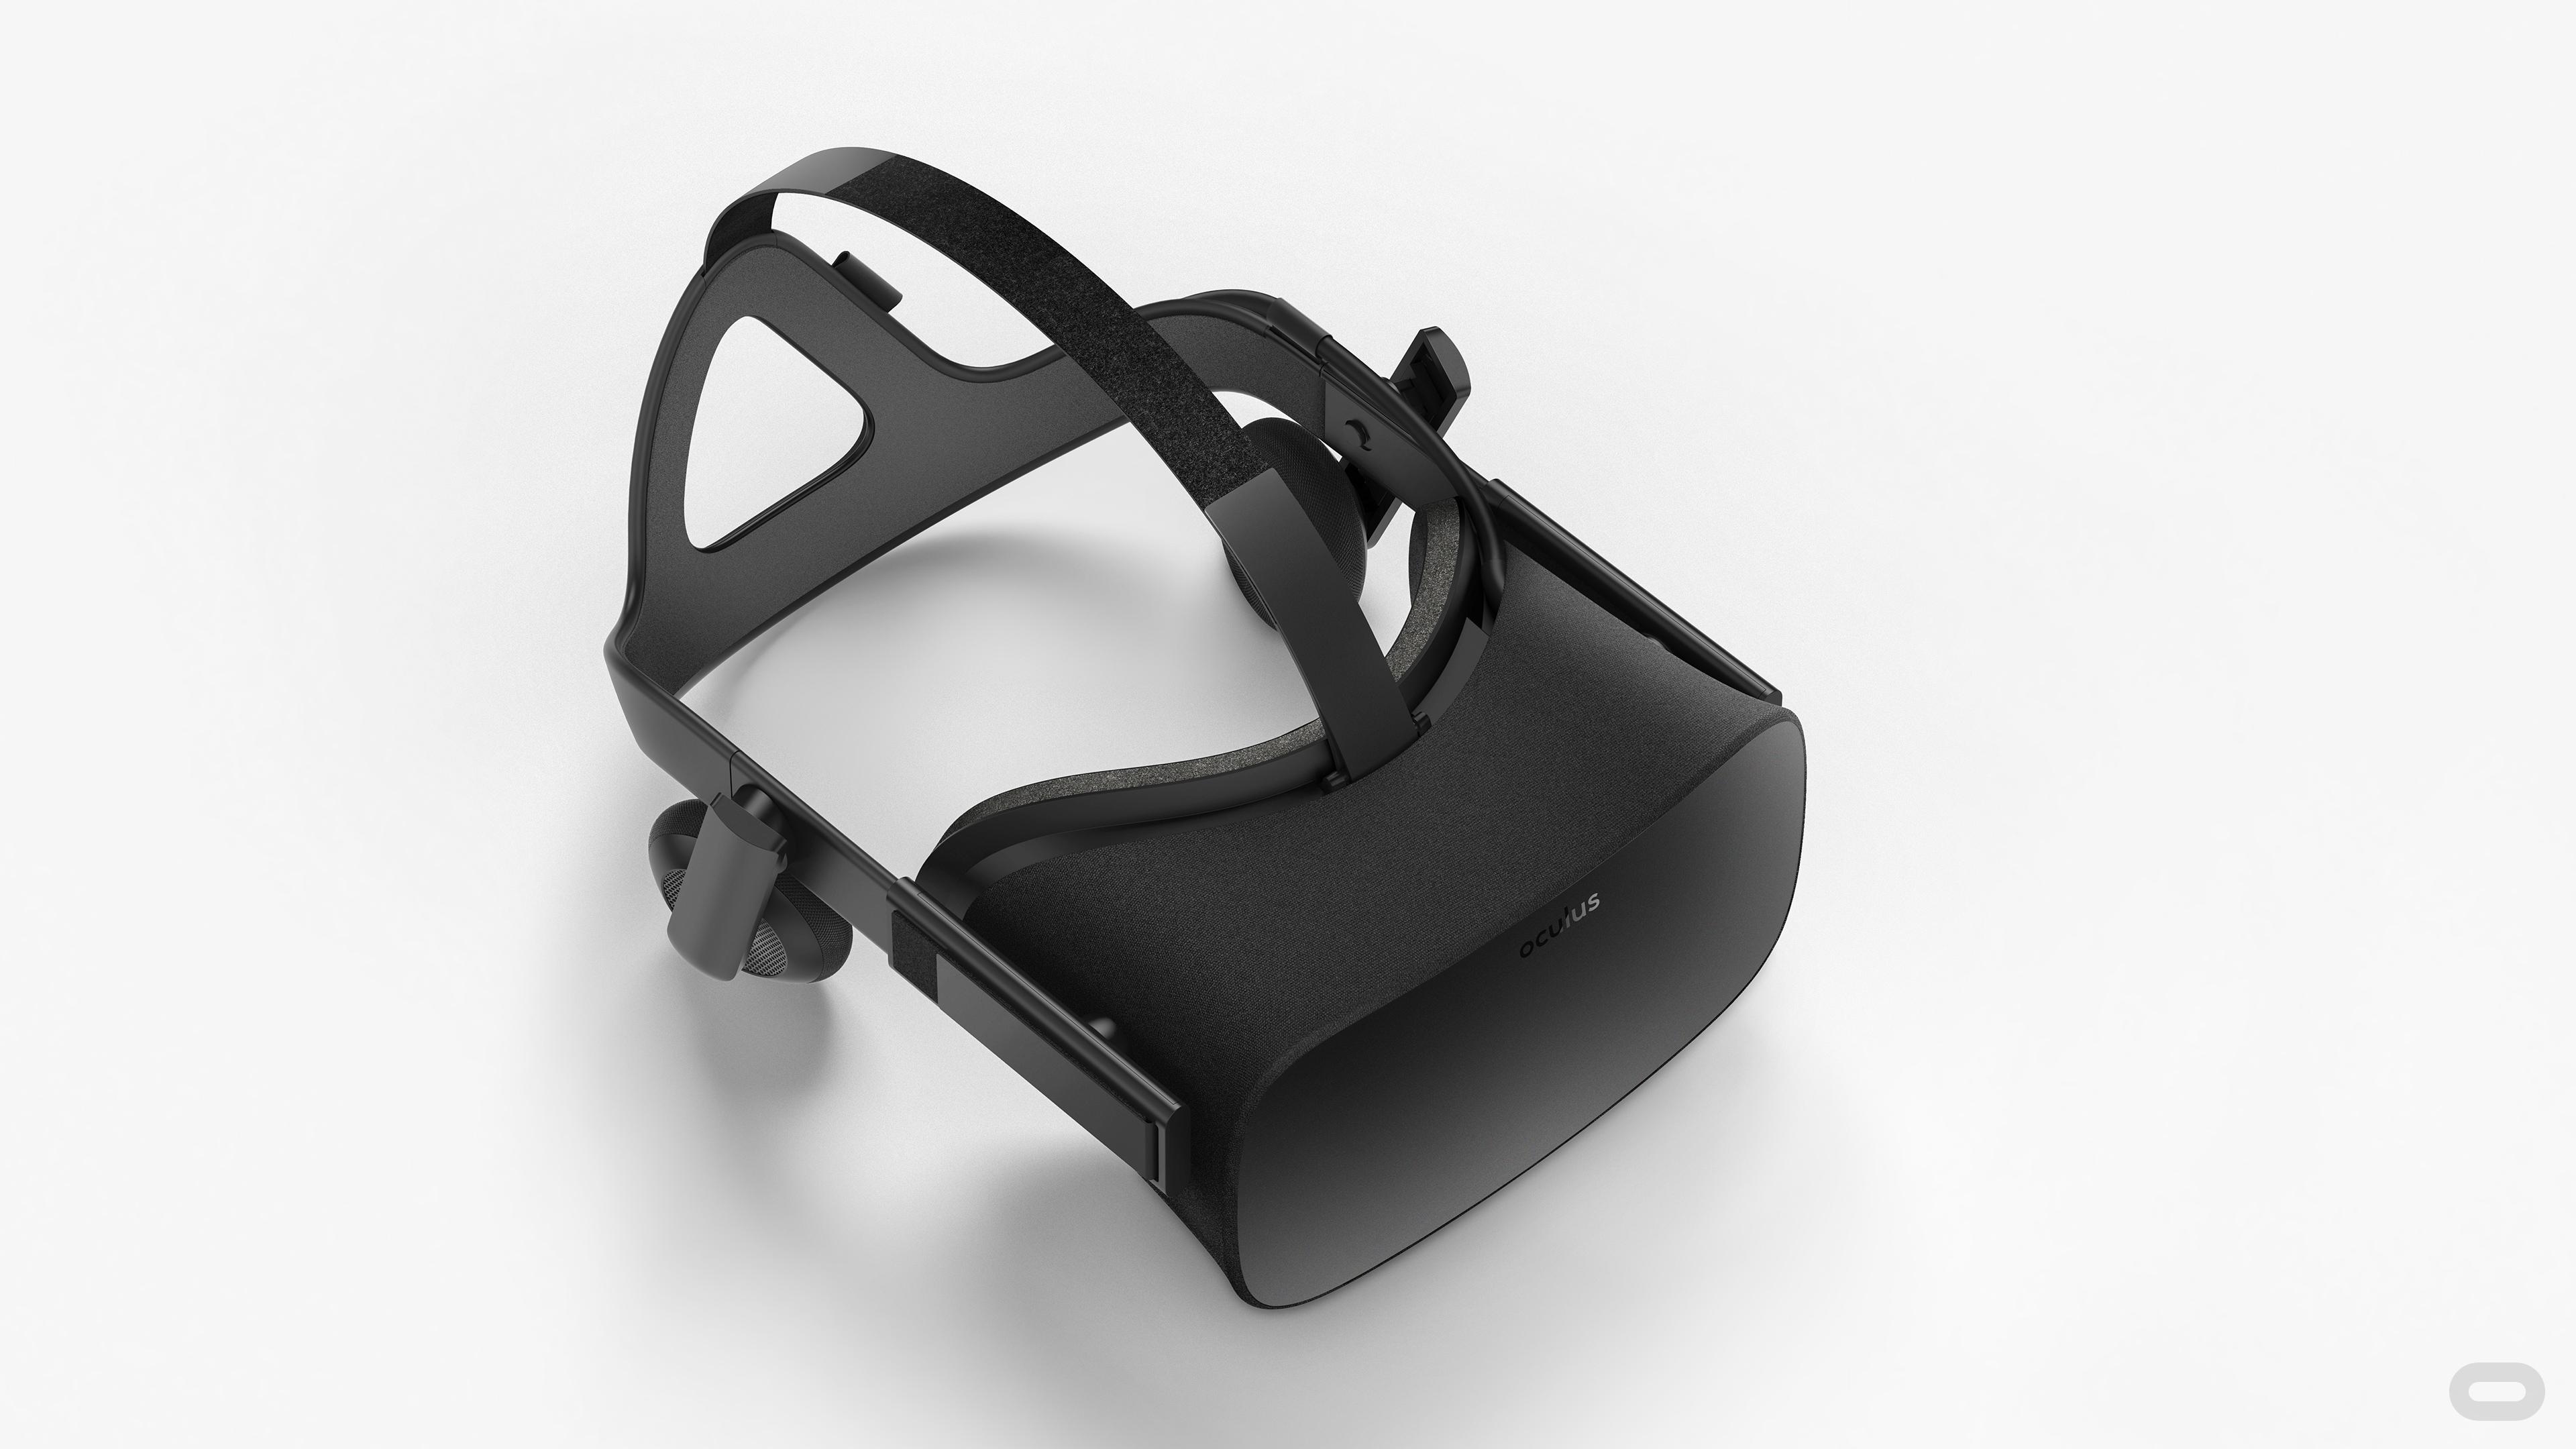 Oculus sender ut Rift-hodesett til Bestbuy-butikker.